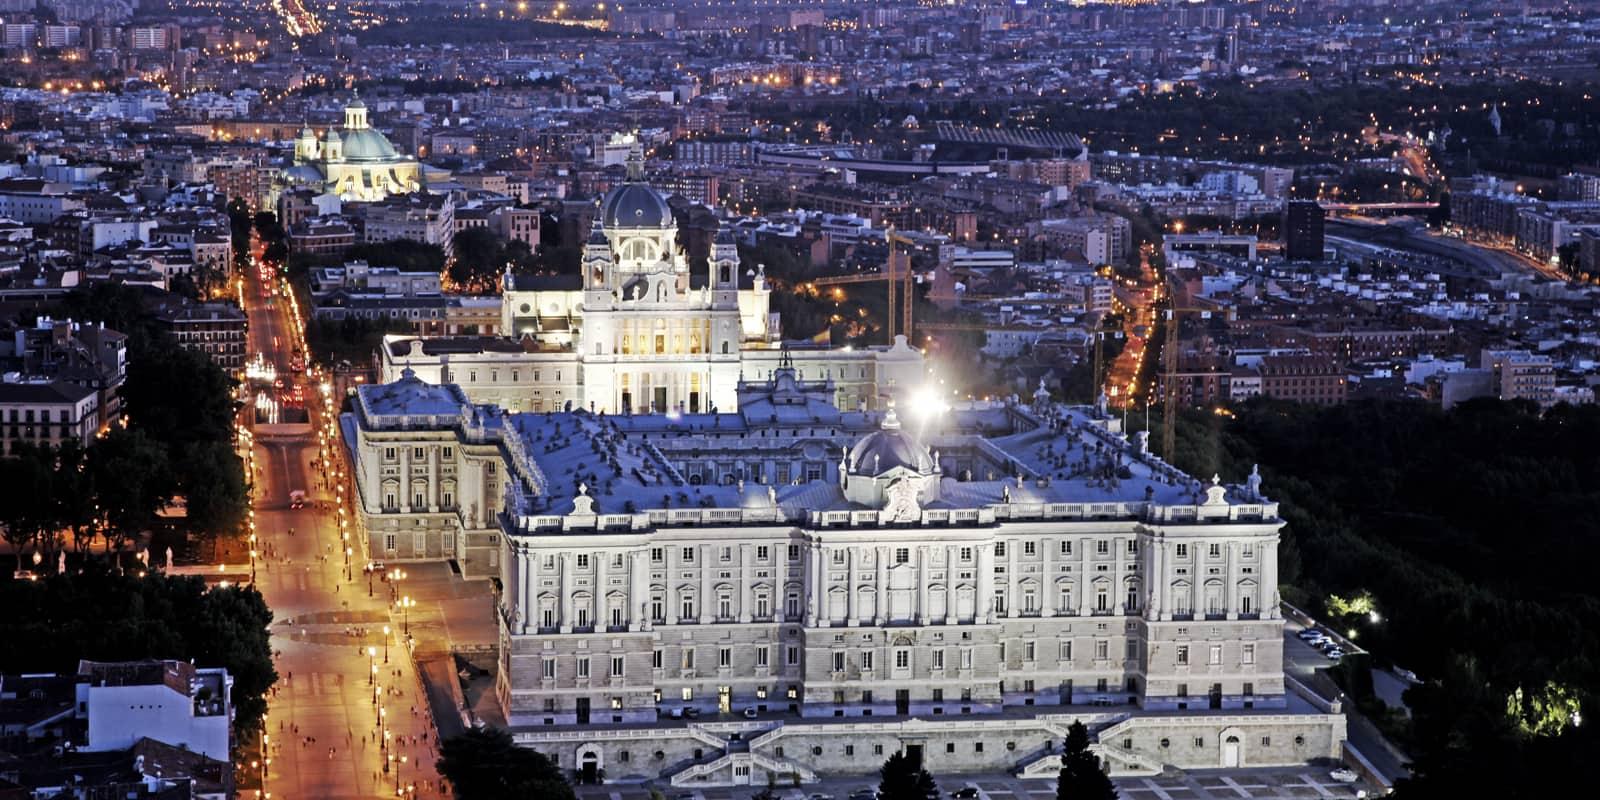 OCOA-SPAIN-DMC-CONCIERGE-MADRID-CATEDRAL-ALMUDENA-PALACIO-REAL-1